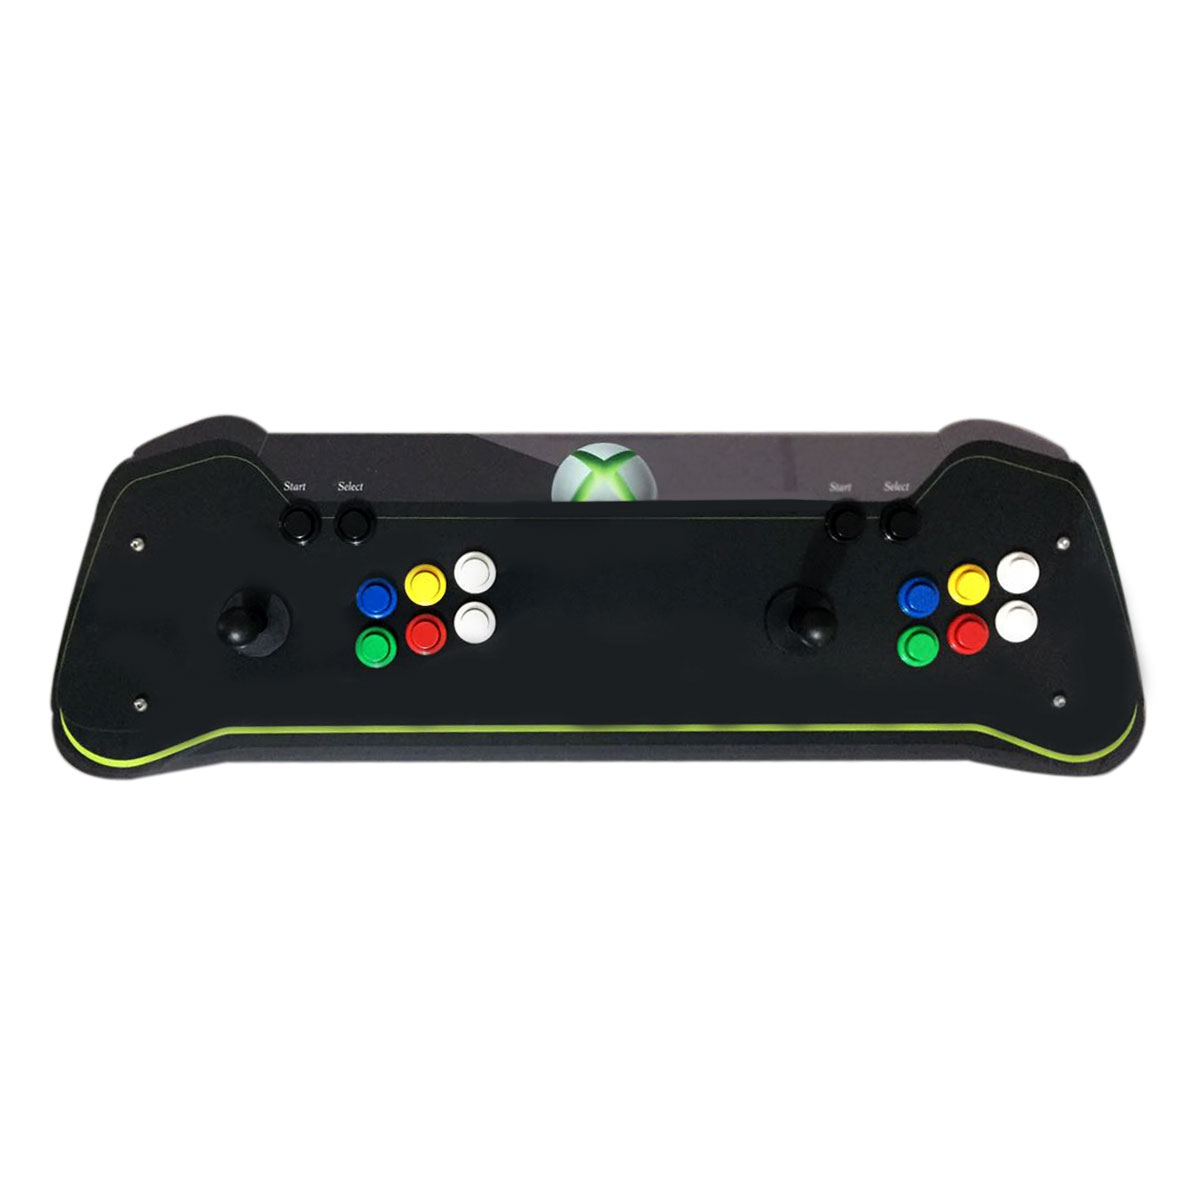 Máquina Fliperama (Controle Duplo Arcade) com desenho do Xbox